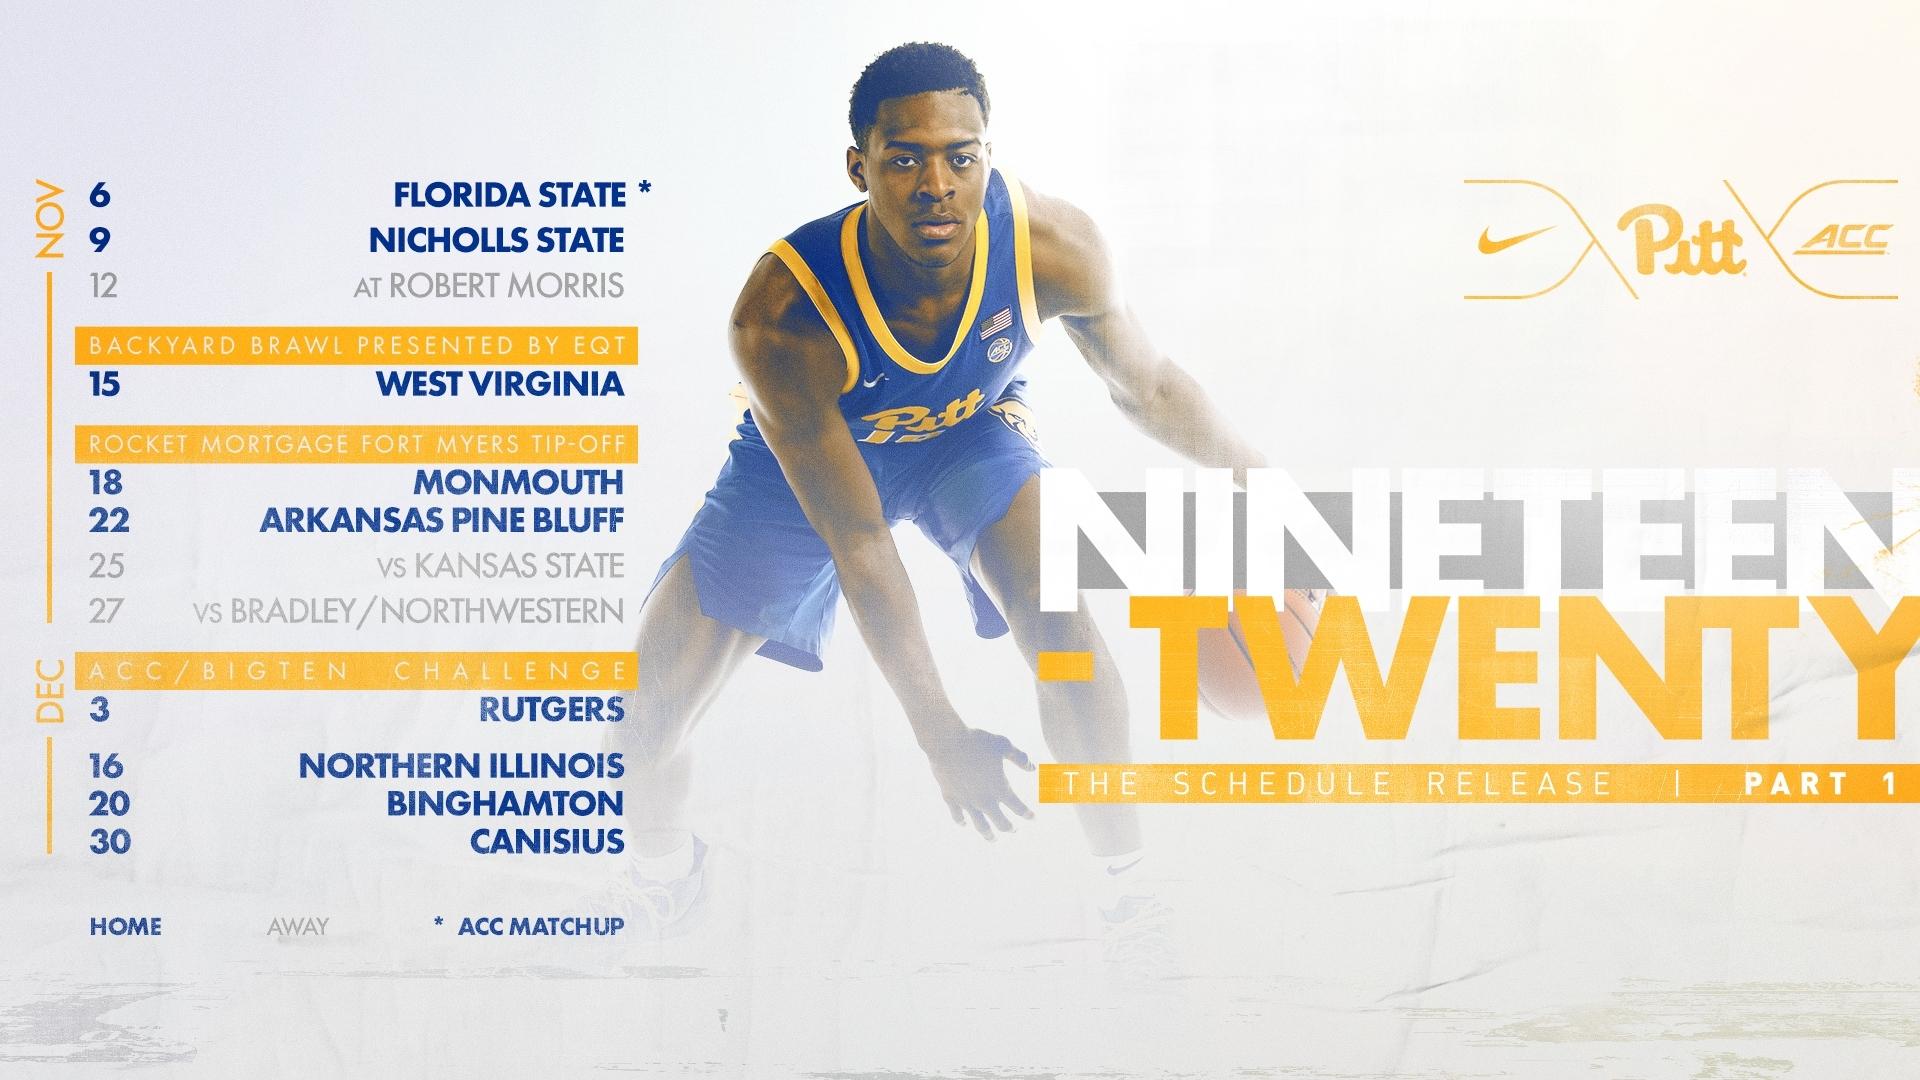 Pitt Announces Partial 2019-20 Basketball Schedule - Pitt